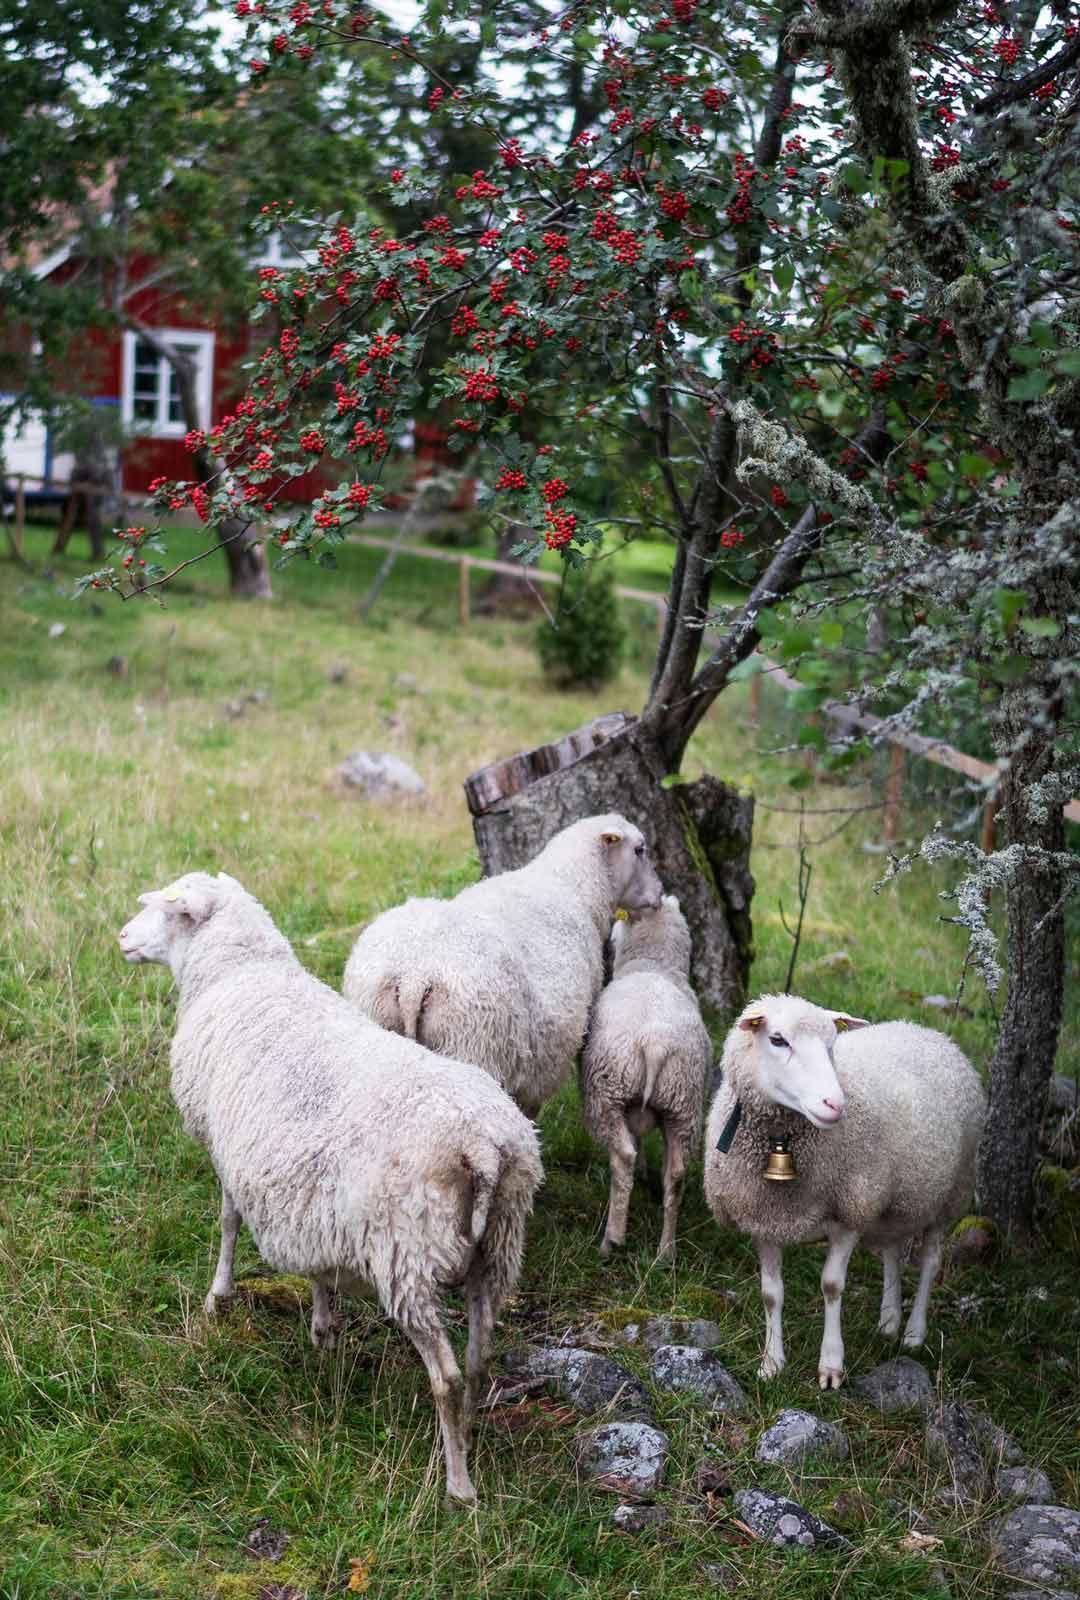 Silkinpehmeää villaa ja herkkuja lautaselle. Lammas on Ahvenanmaalla tärkeä kotieläin.